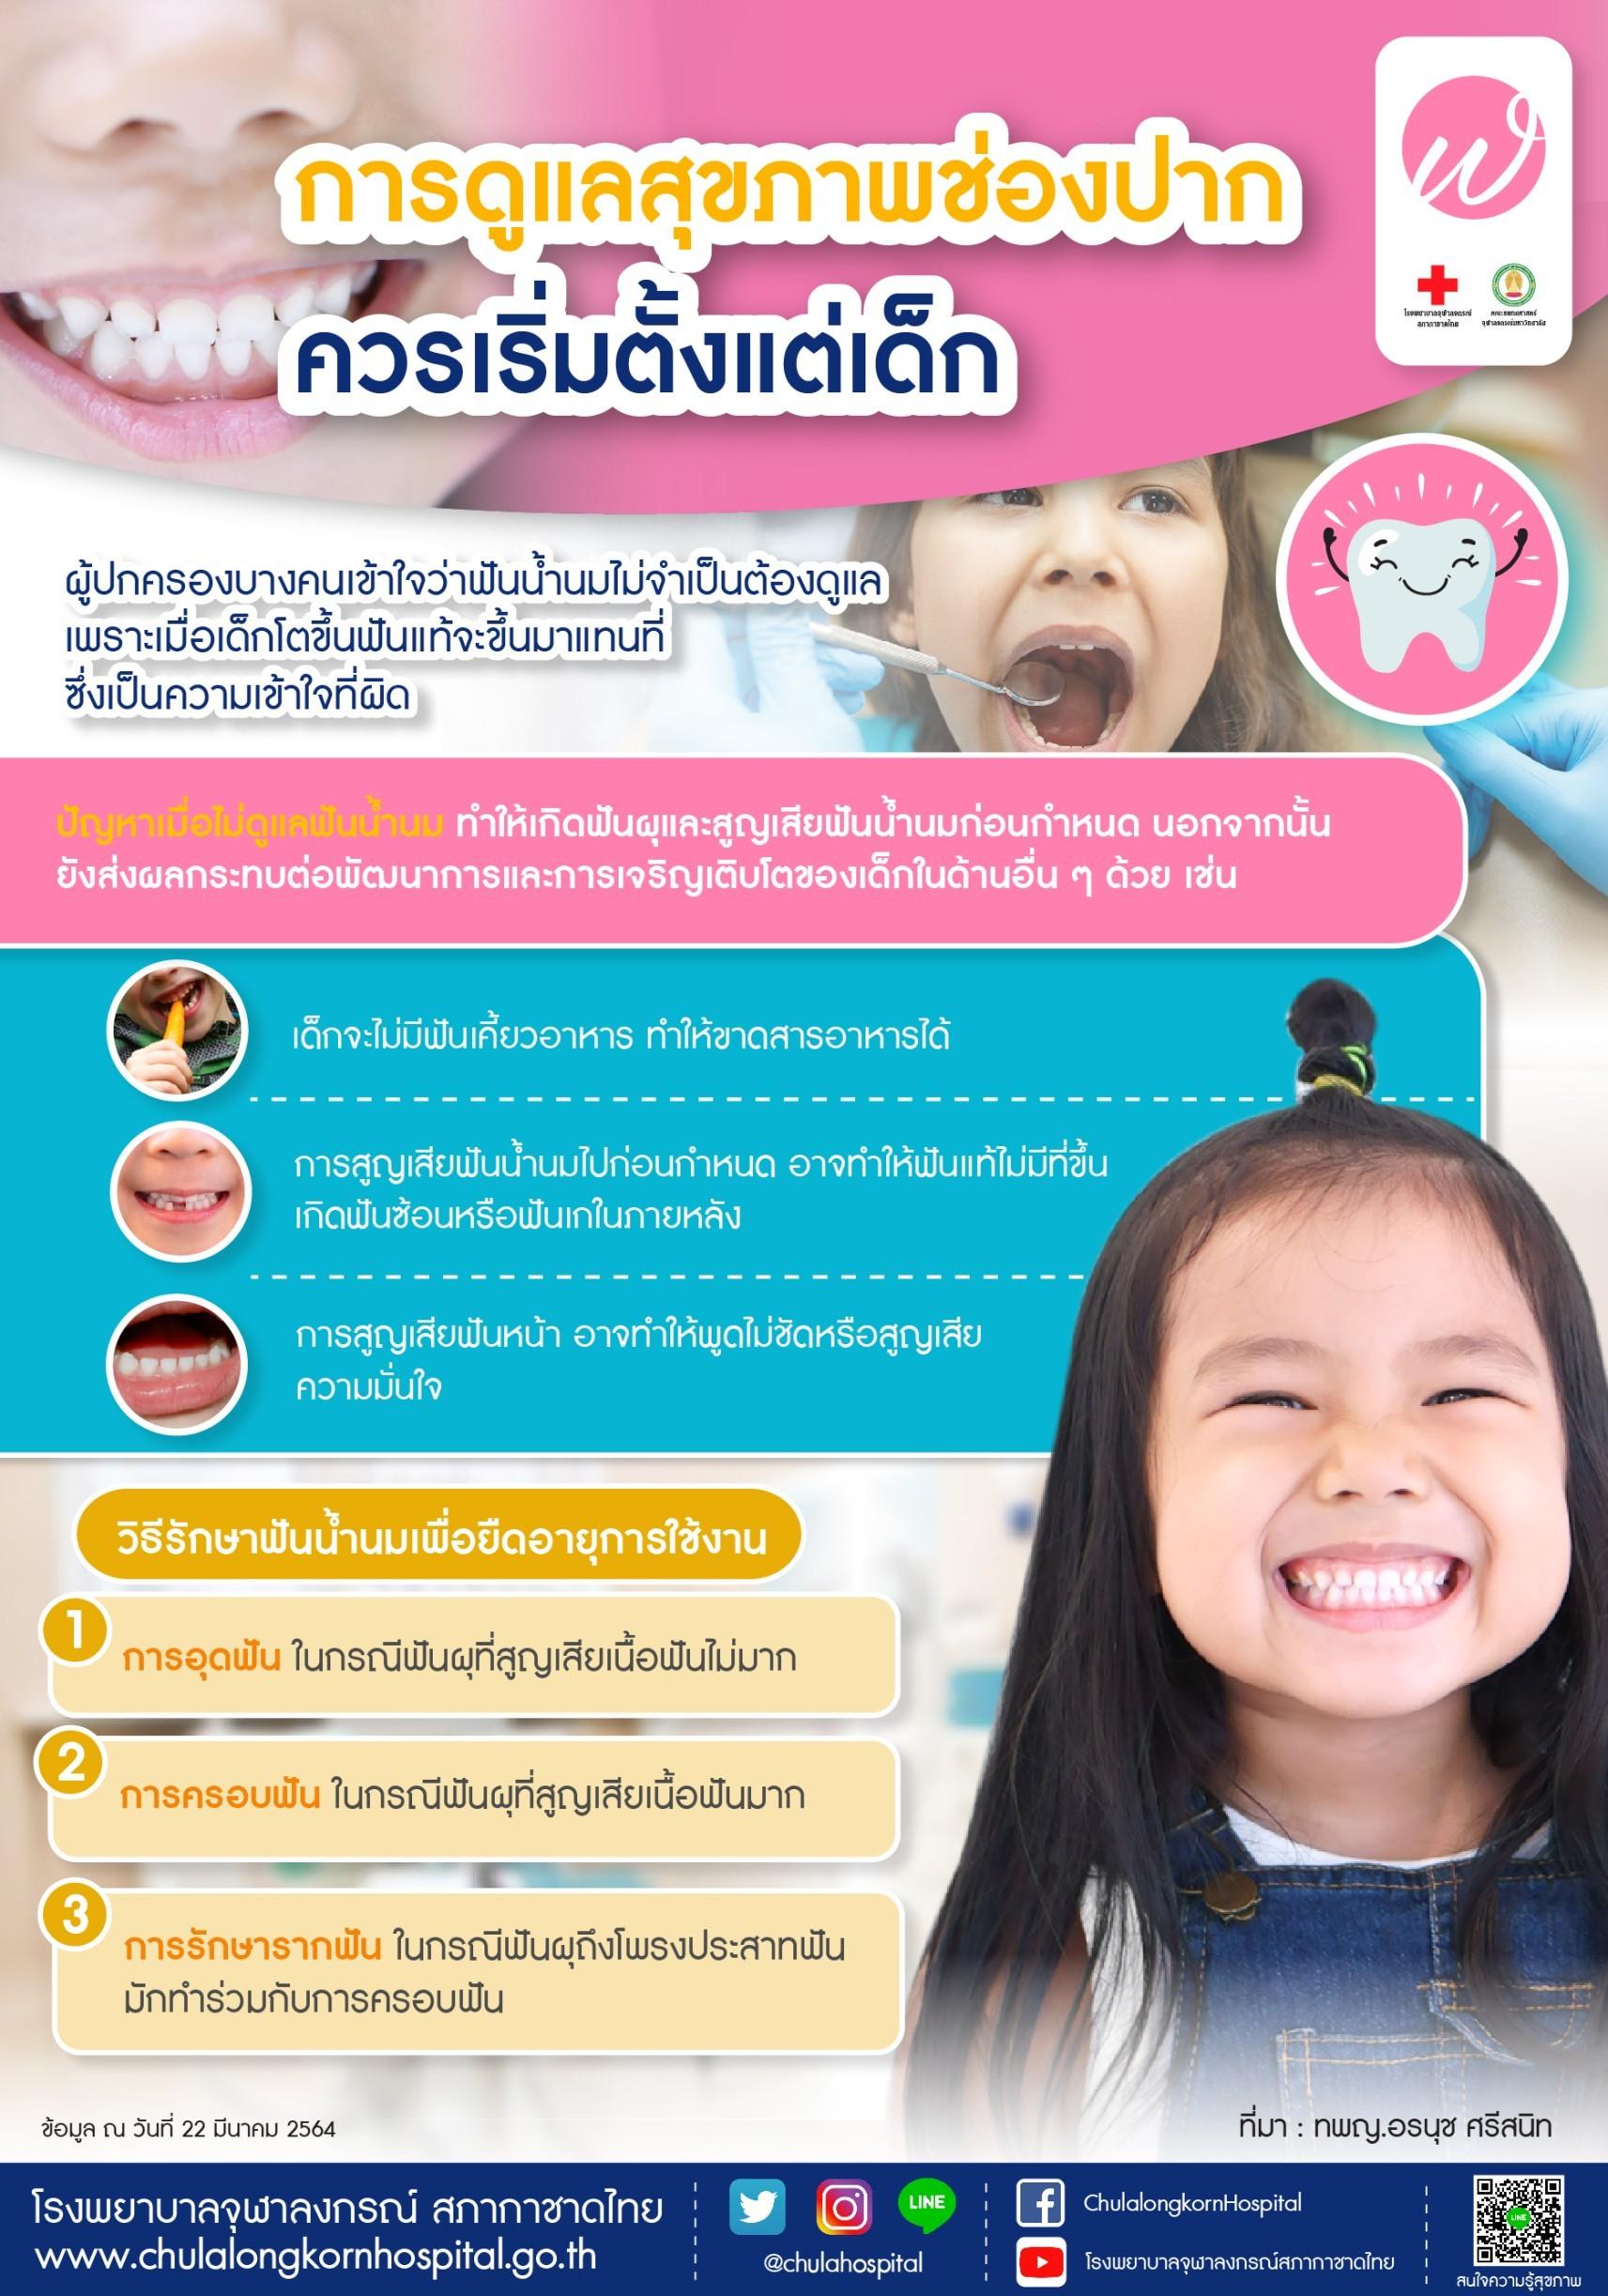 การดูแลสุขภาพช่องปากควรเริ่มตั้งแต่เด็ก